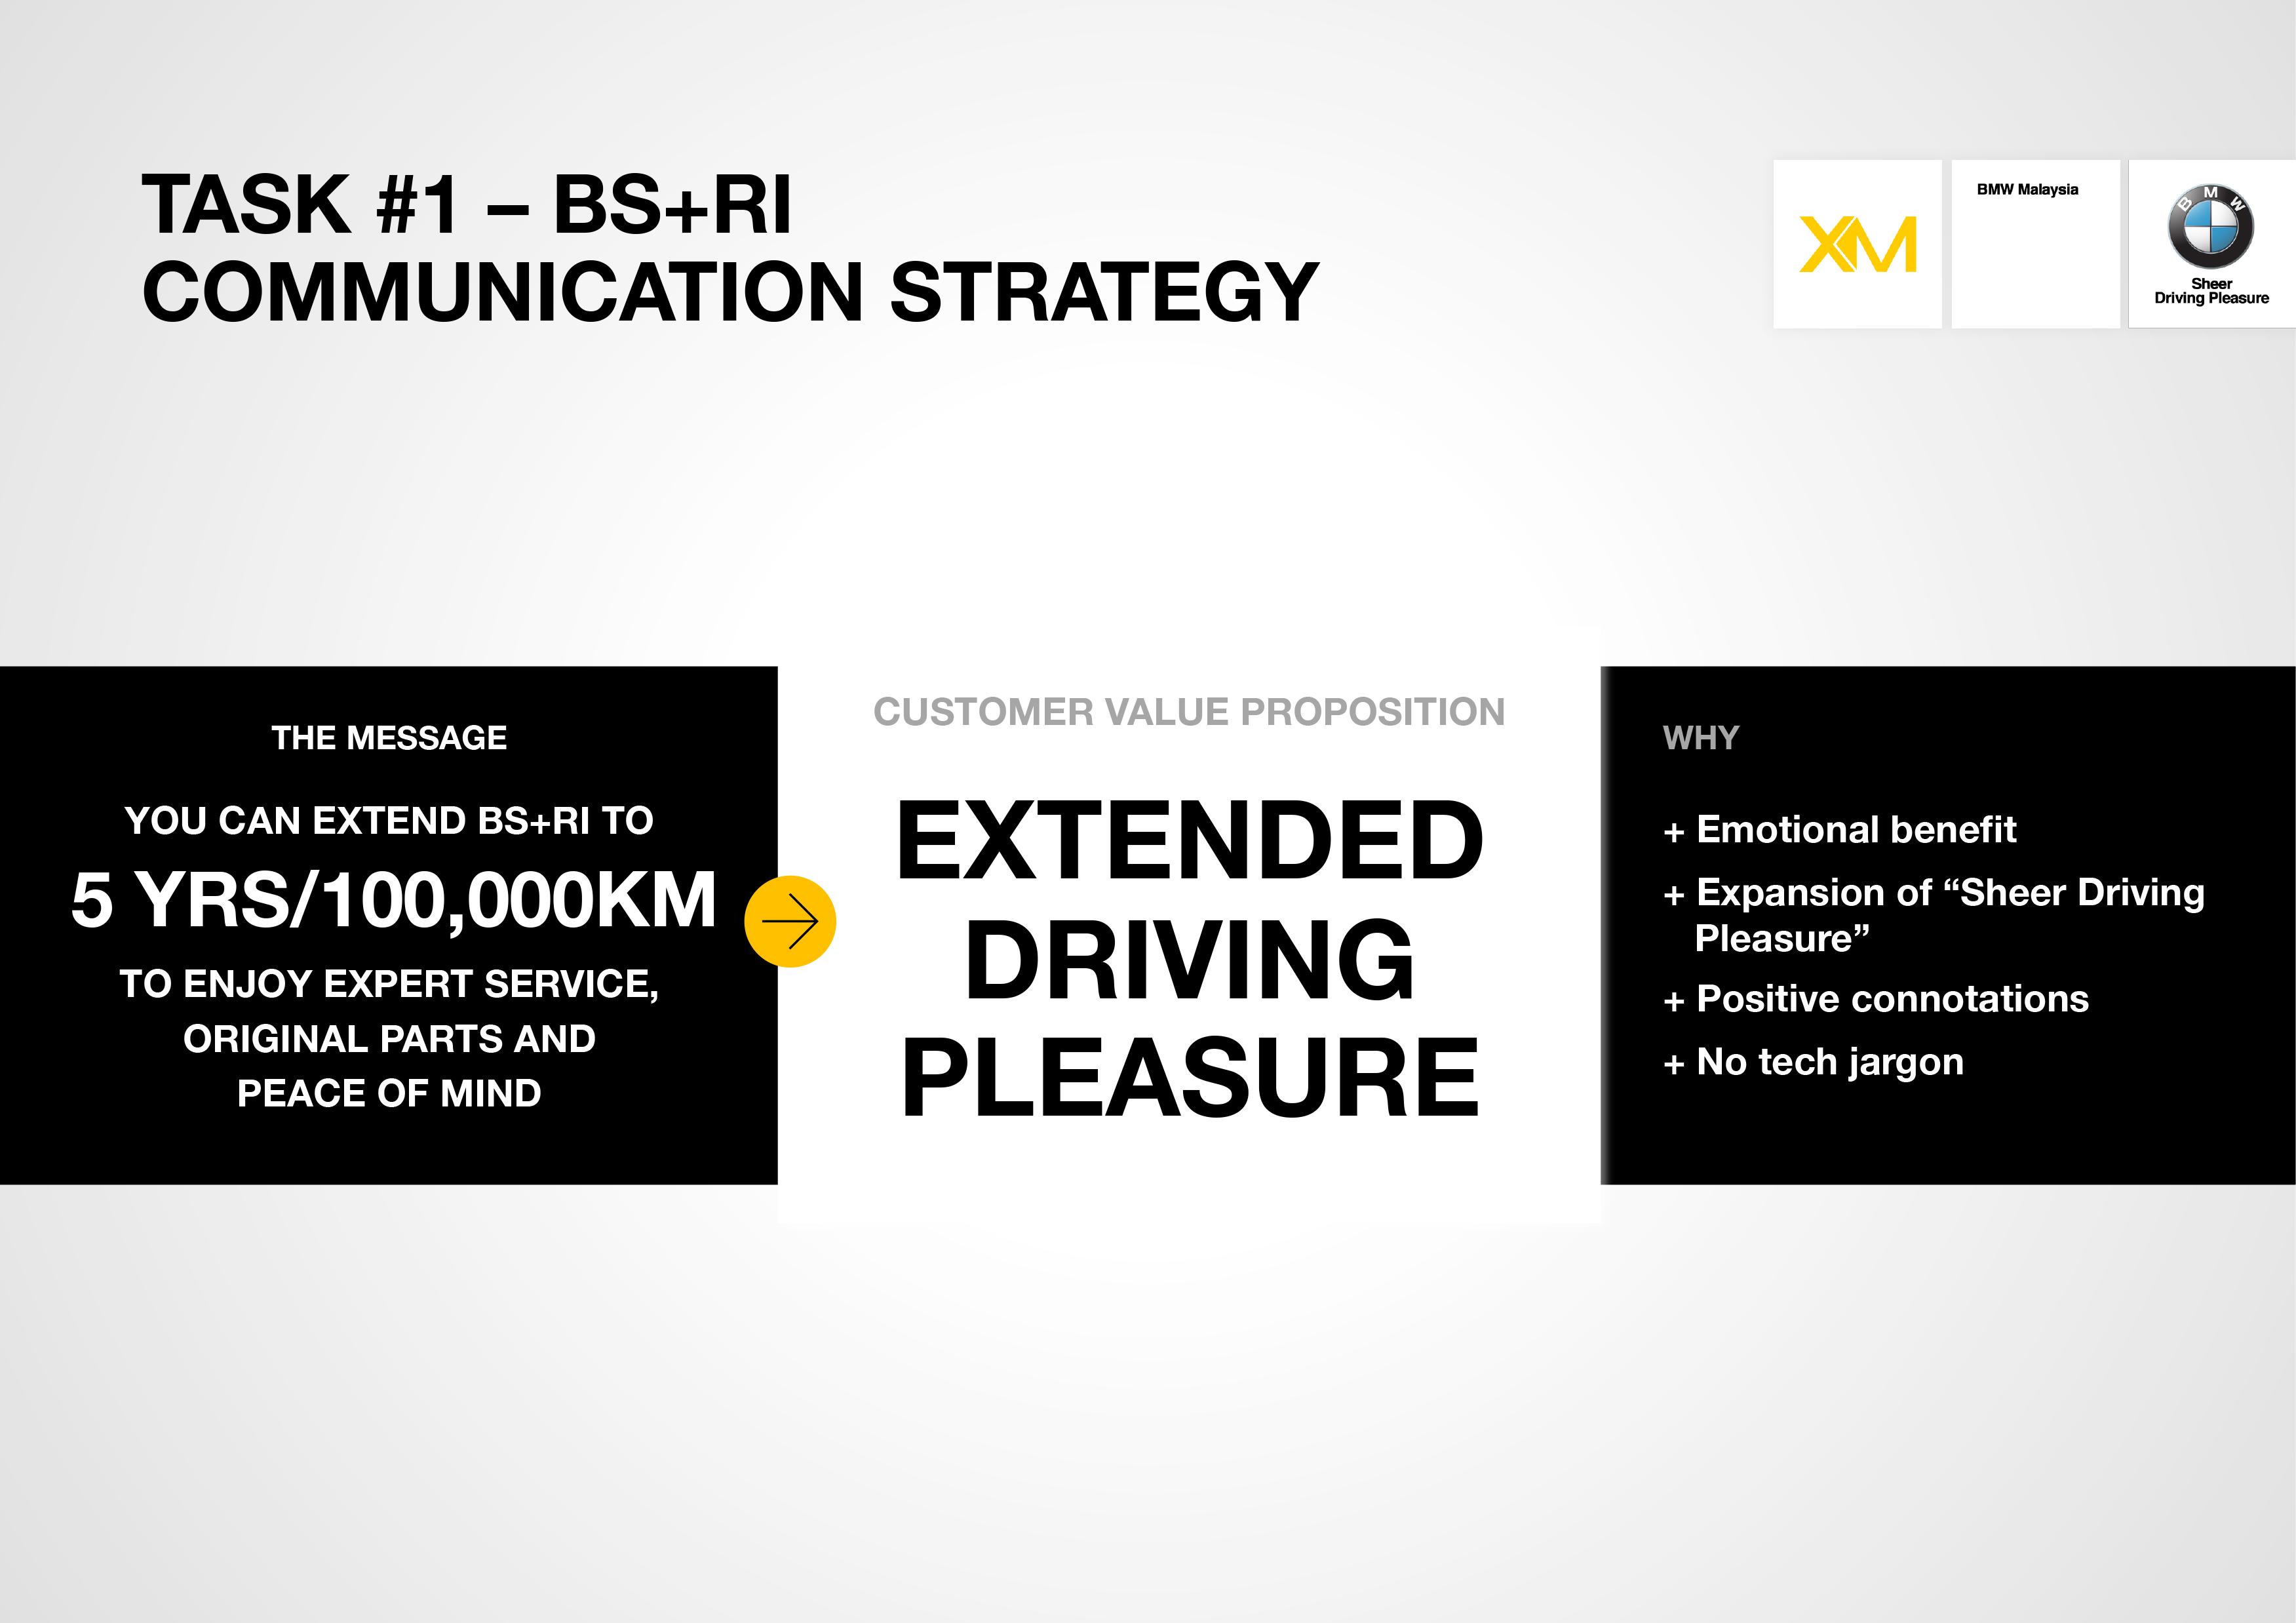 BMW - BS+RI